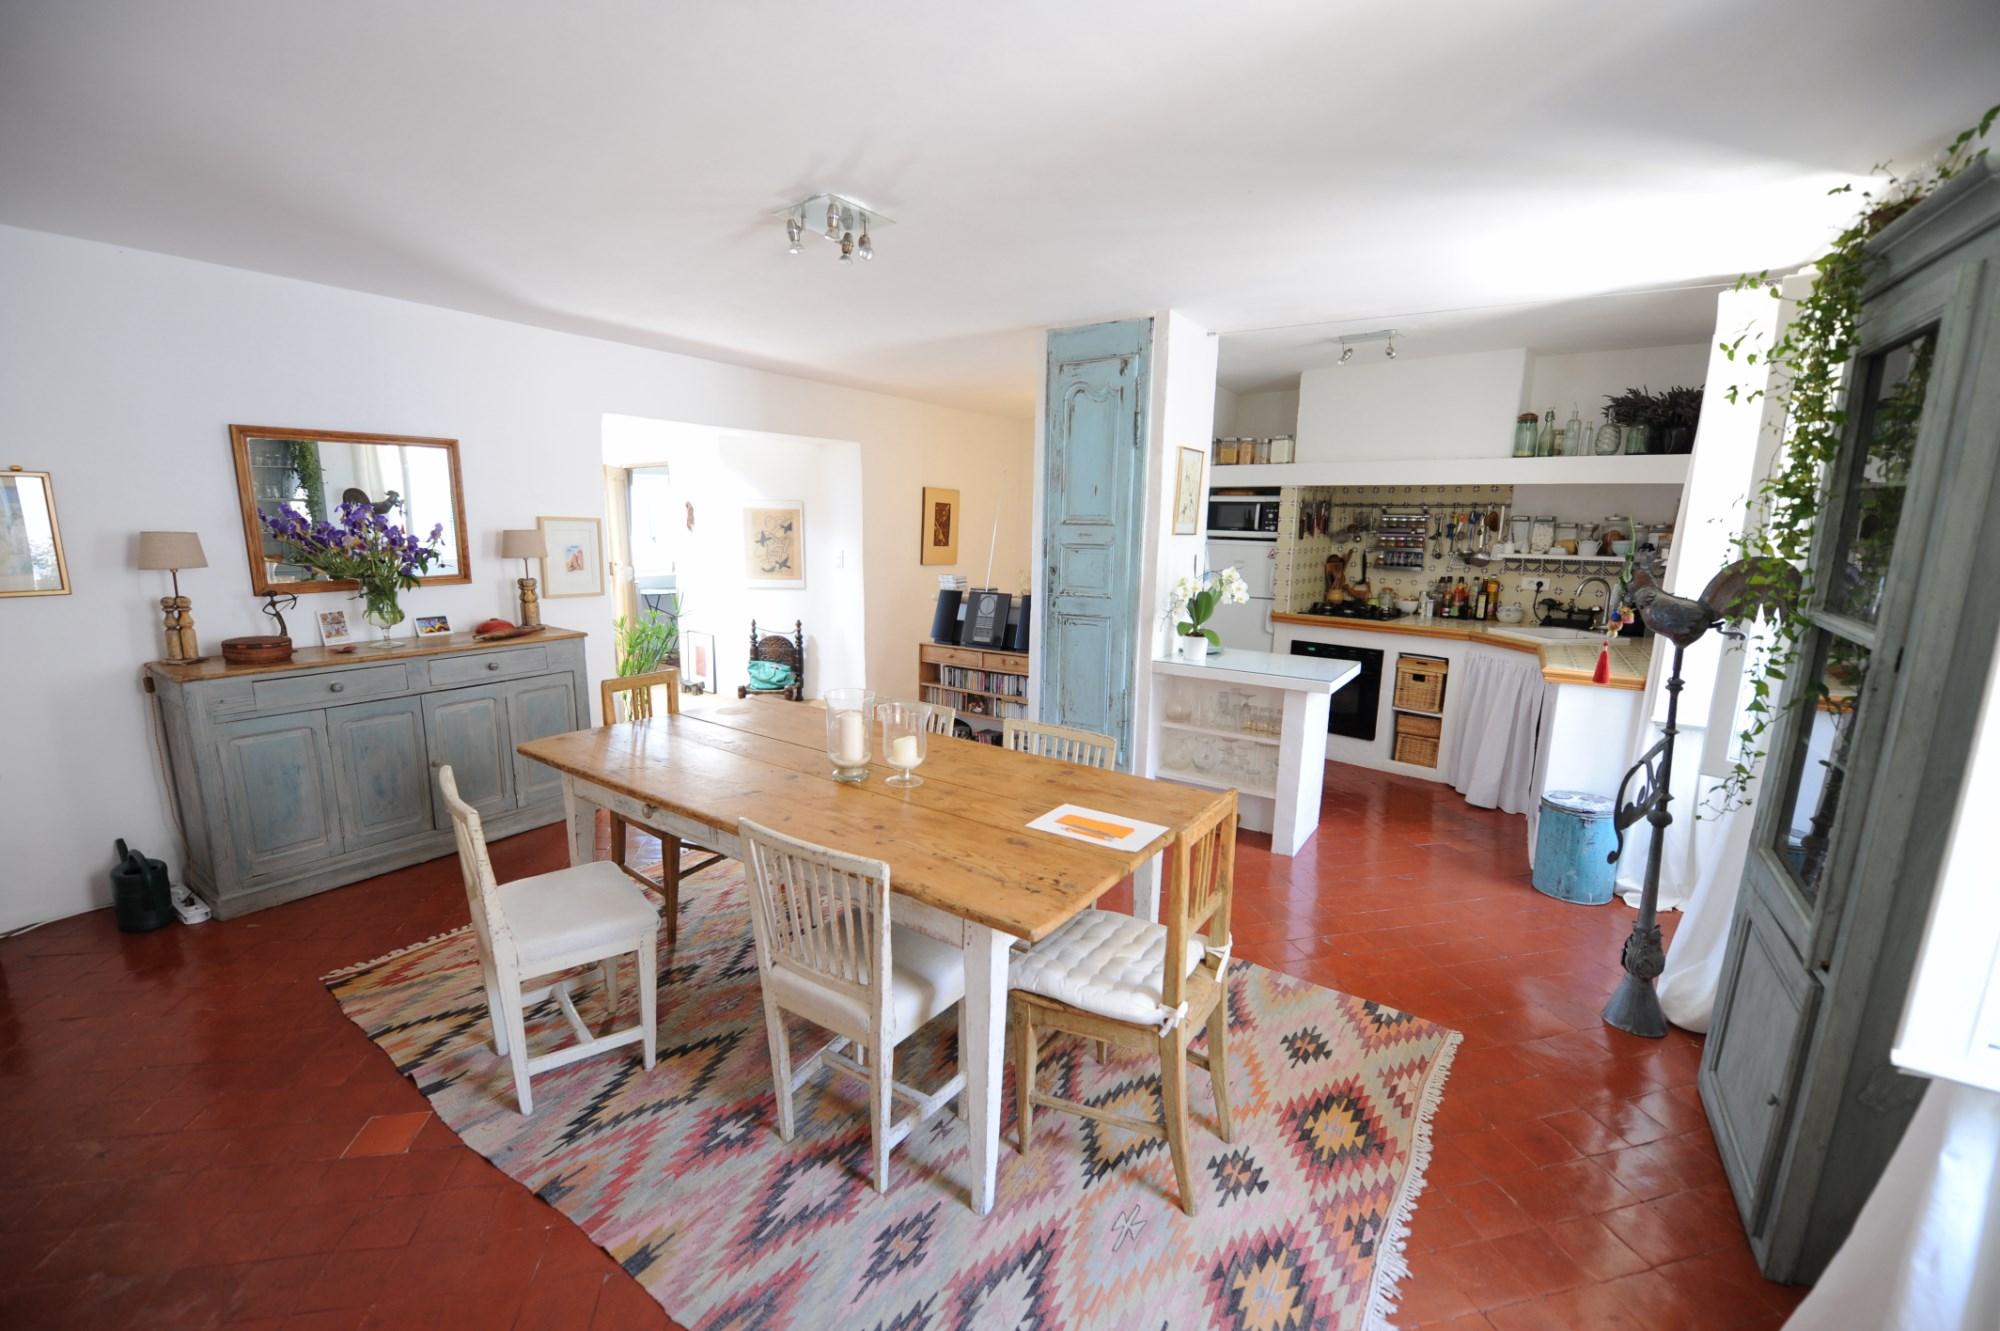 Luberon, à vendre, maison bourgeoise en position centrale,  avec vue panoramique